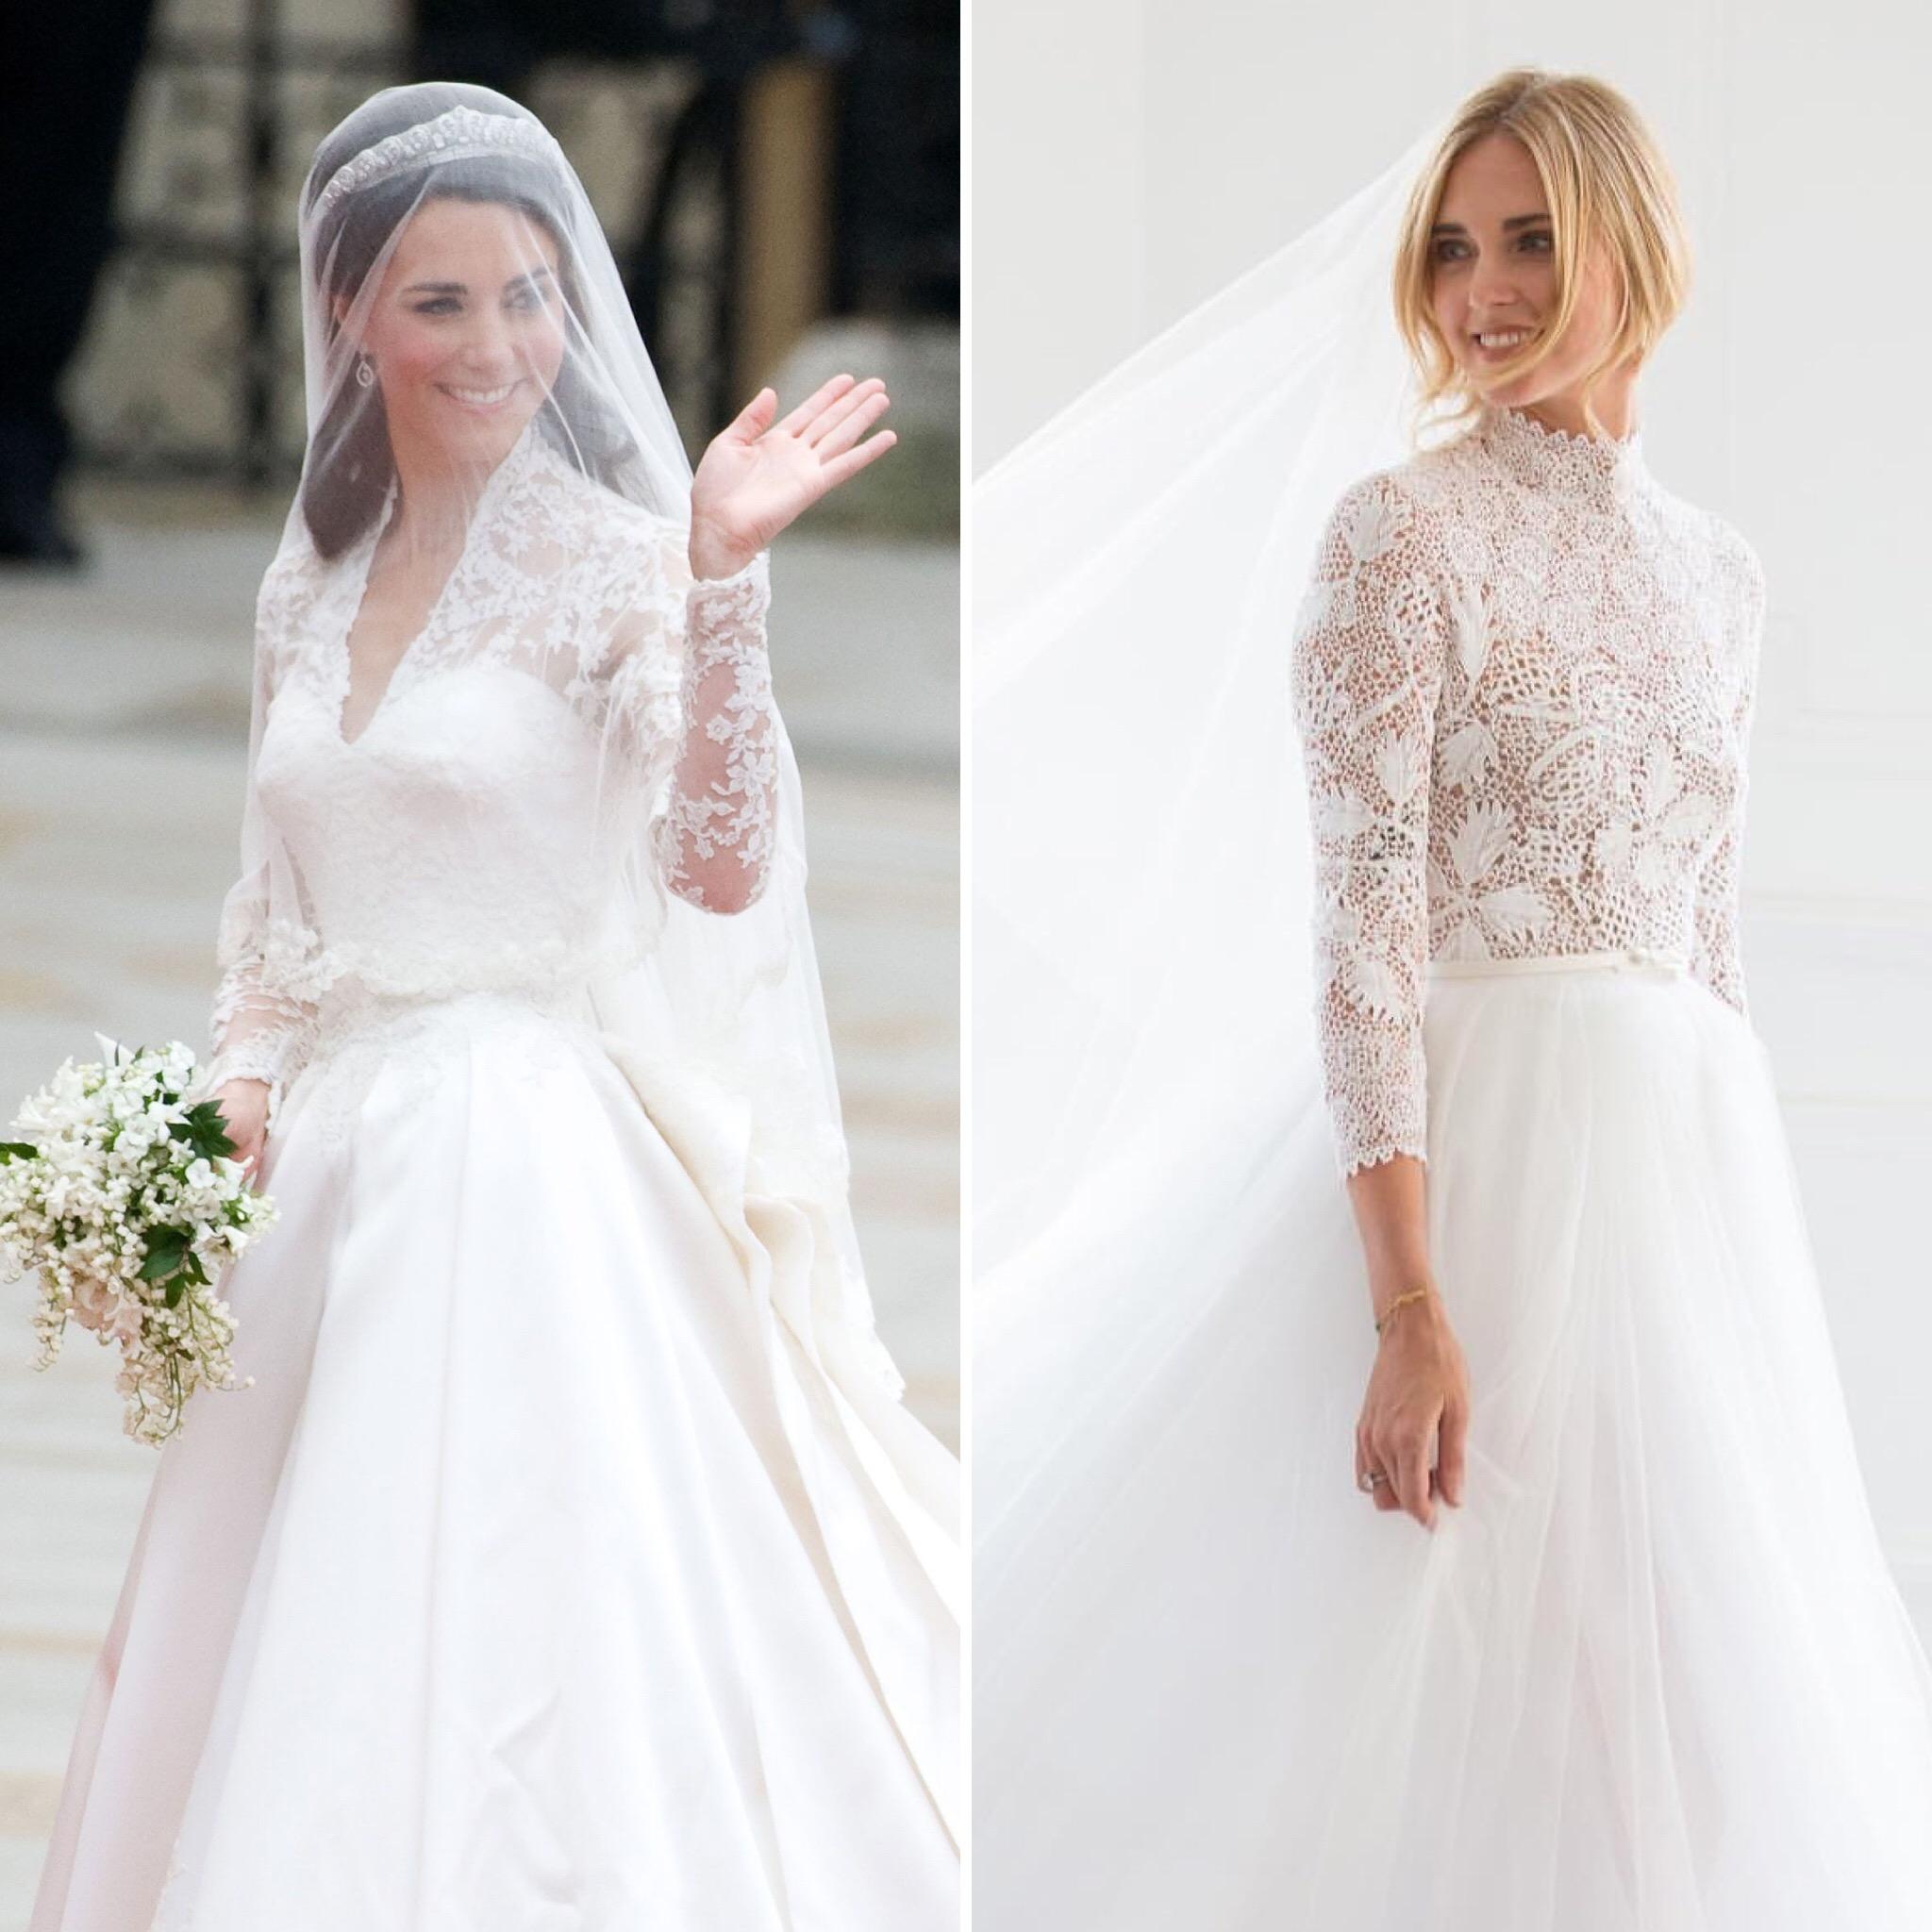 Matrimonio Ferragnez  i SÌ e i NO del look di Chiara Ferragni ... ecc2a571f59